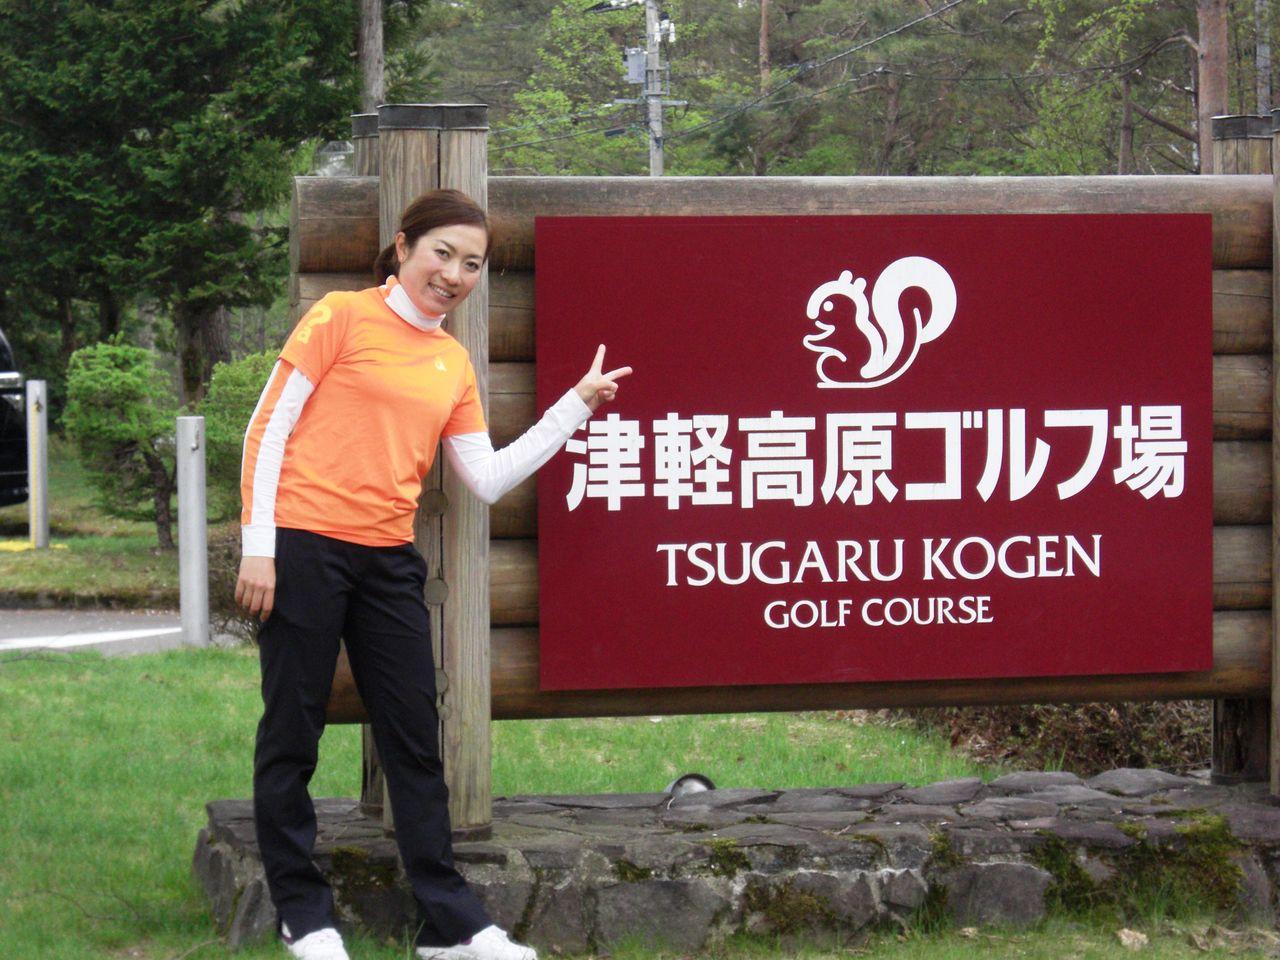 女子プロ 佐藤のぞみさん来たる! : 津軽高原ゴルフ場からのお知らせブログ